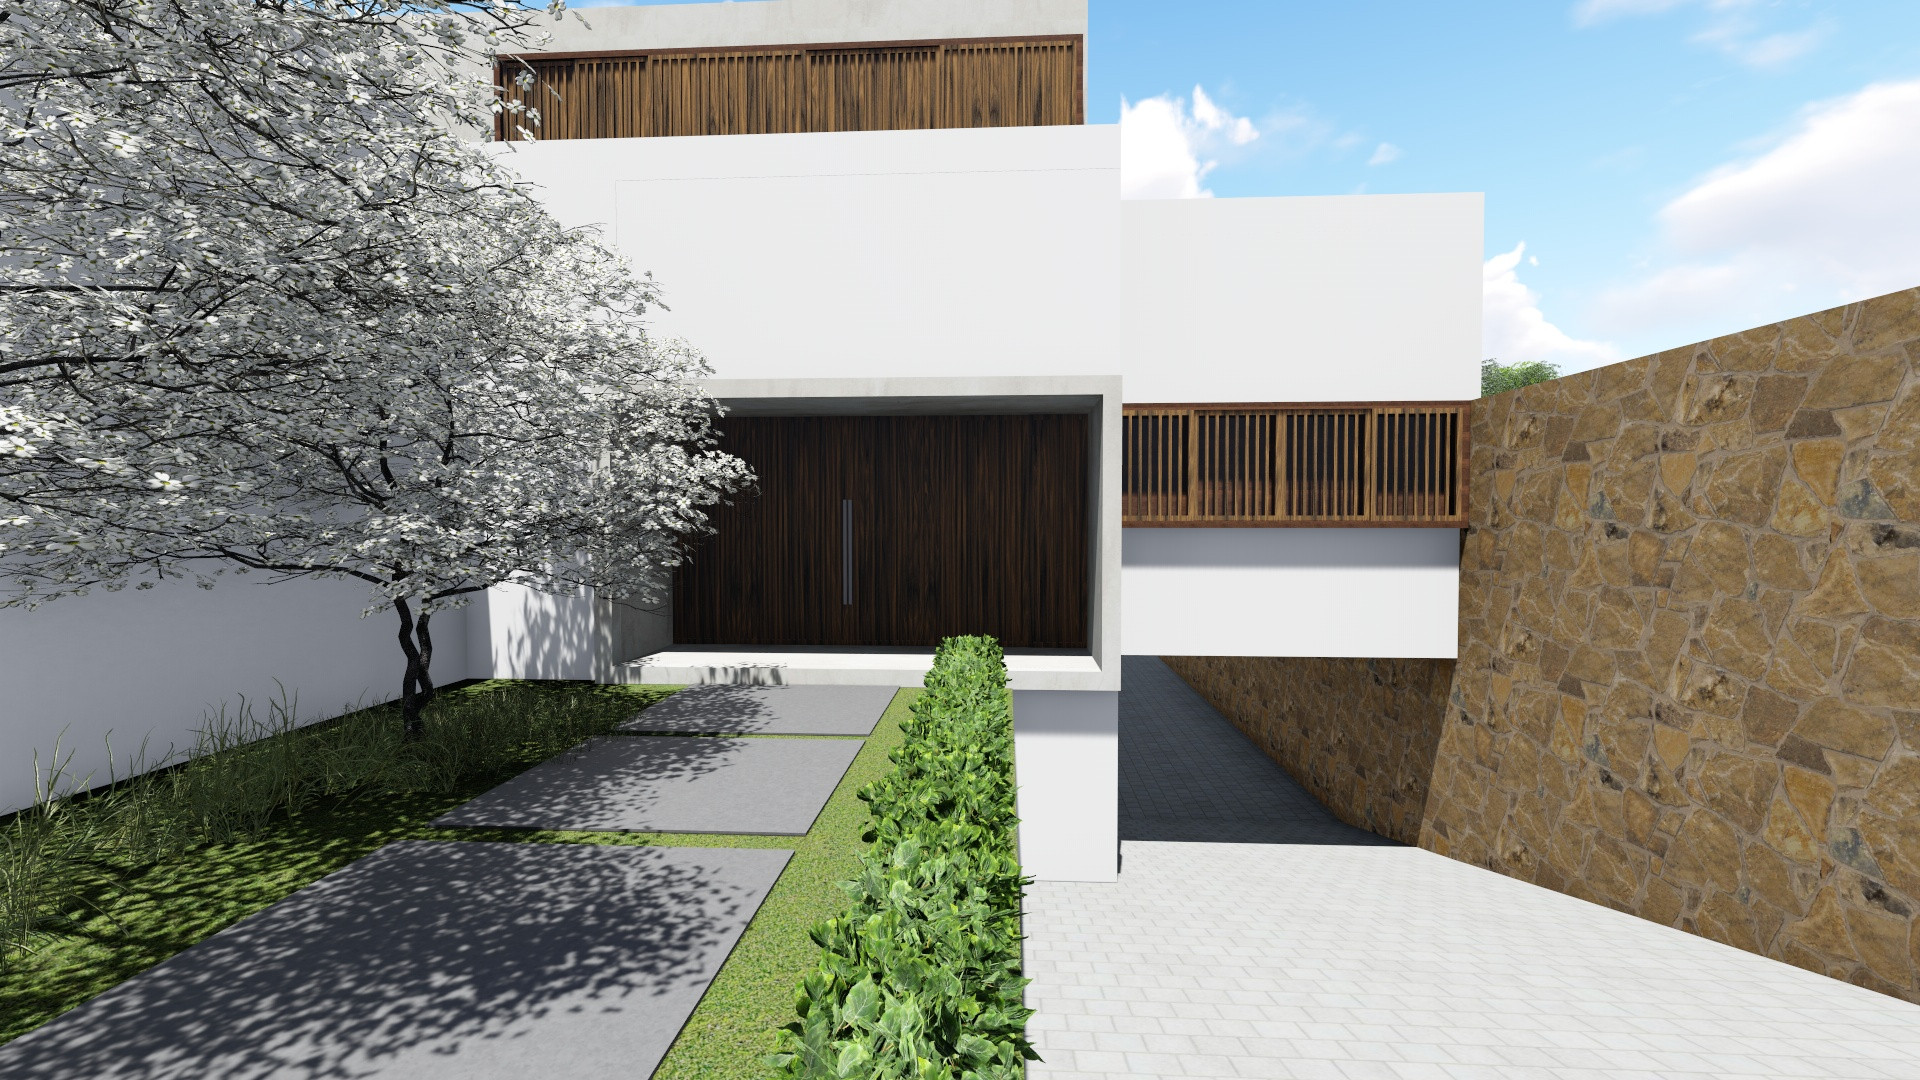 casa_vivendas03.jpg